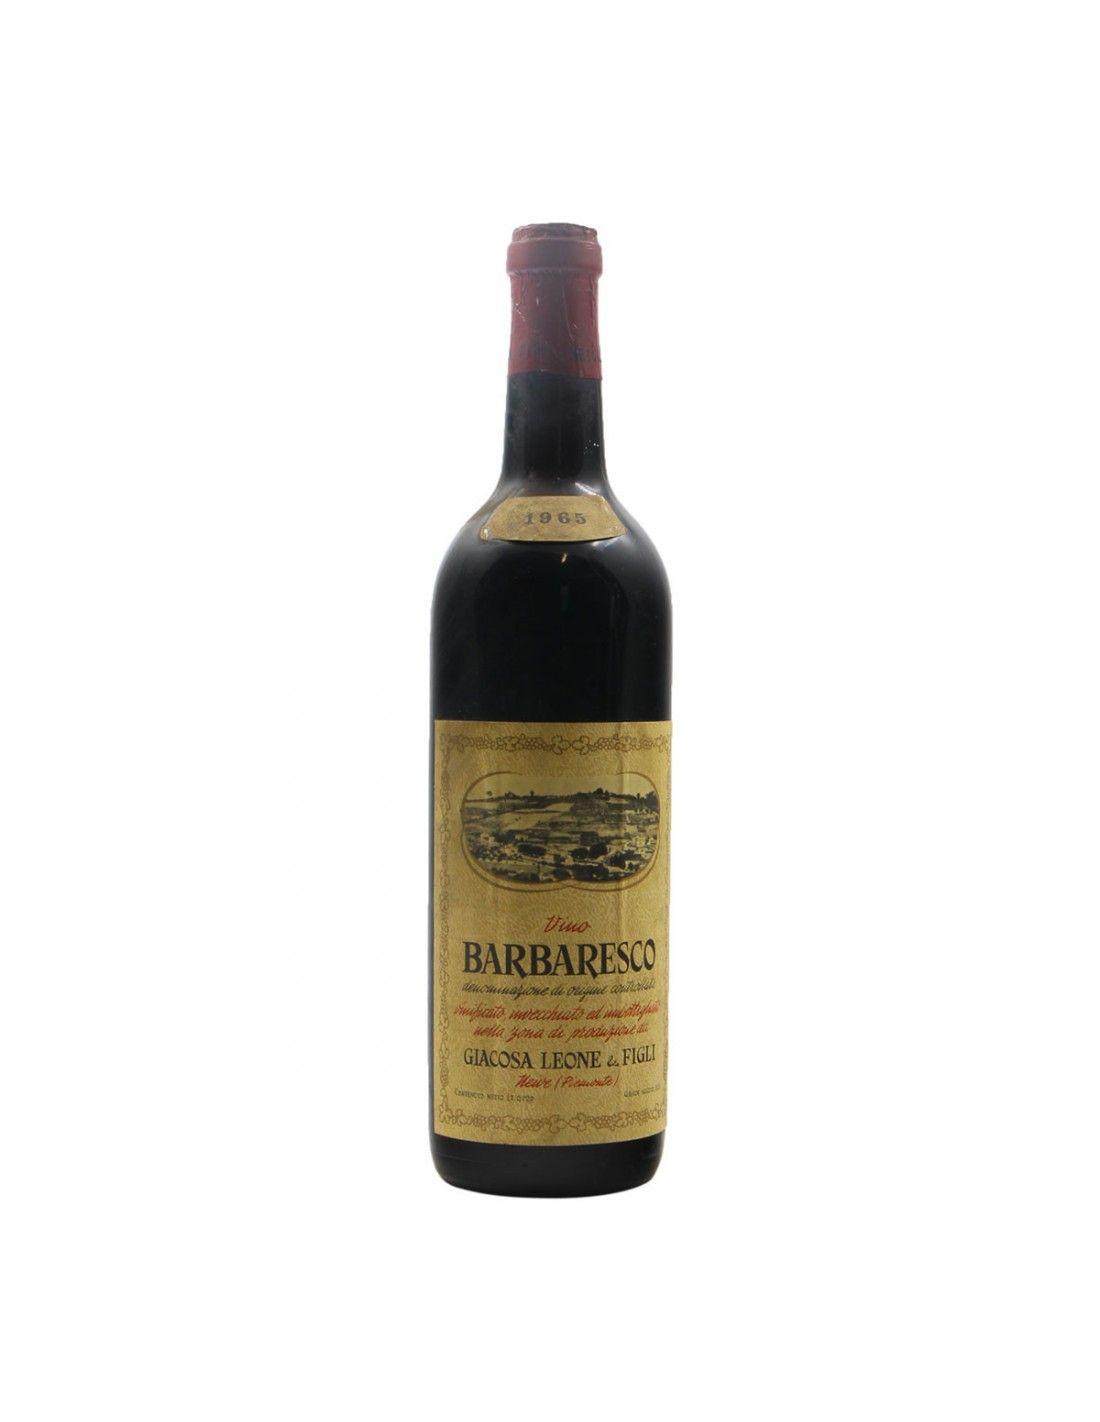 BARBARESCO 1965 GIACOSA LEONE Grandi Bottiglie